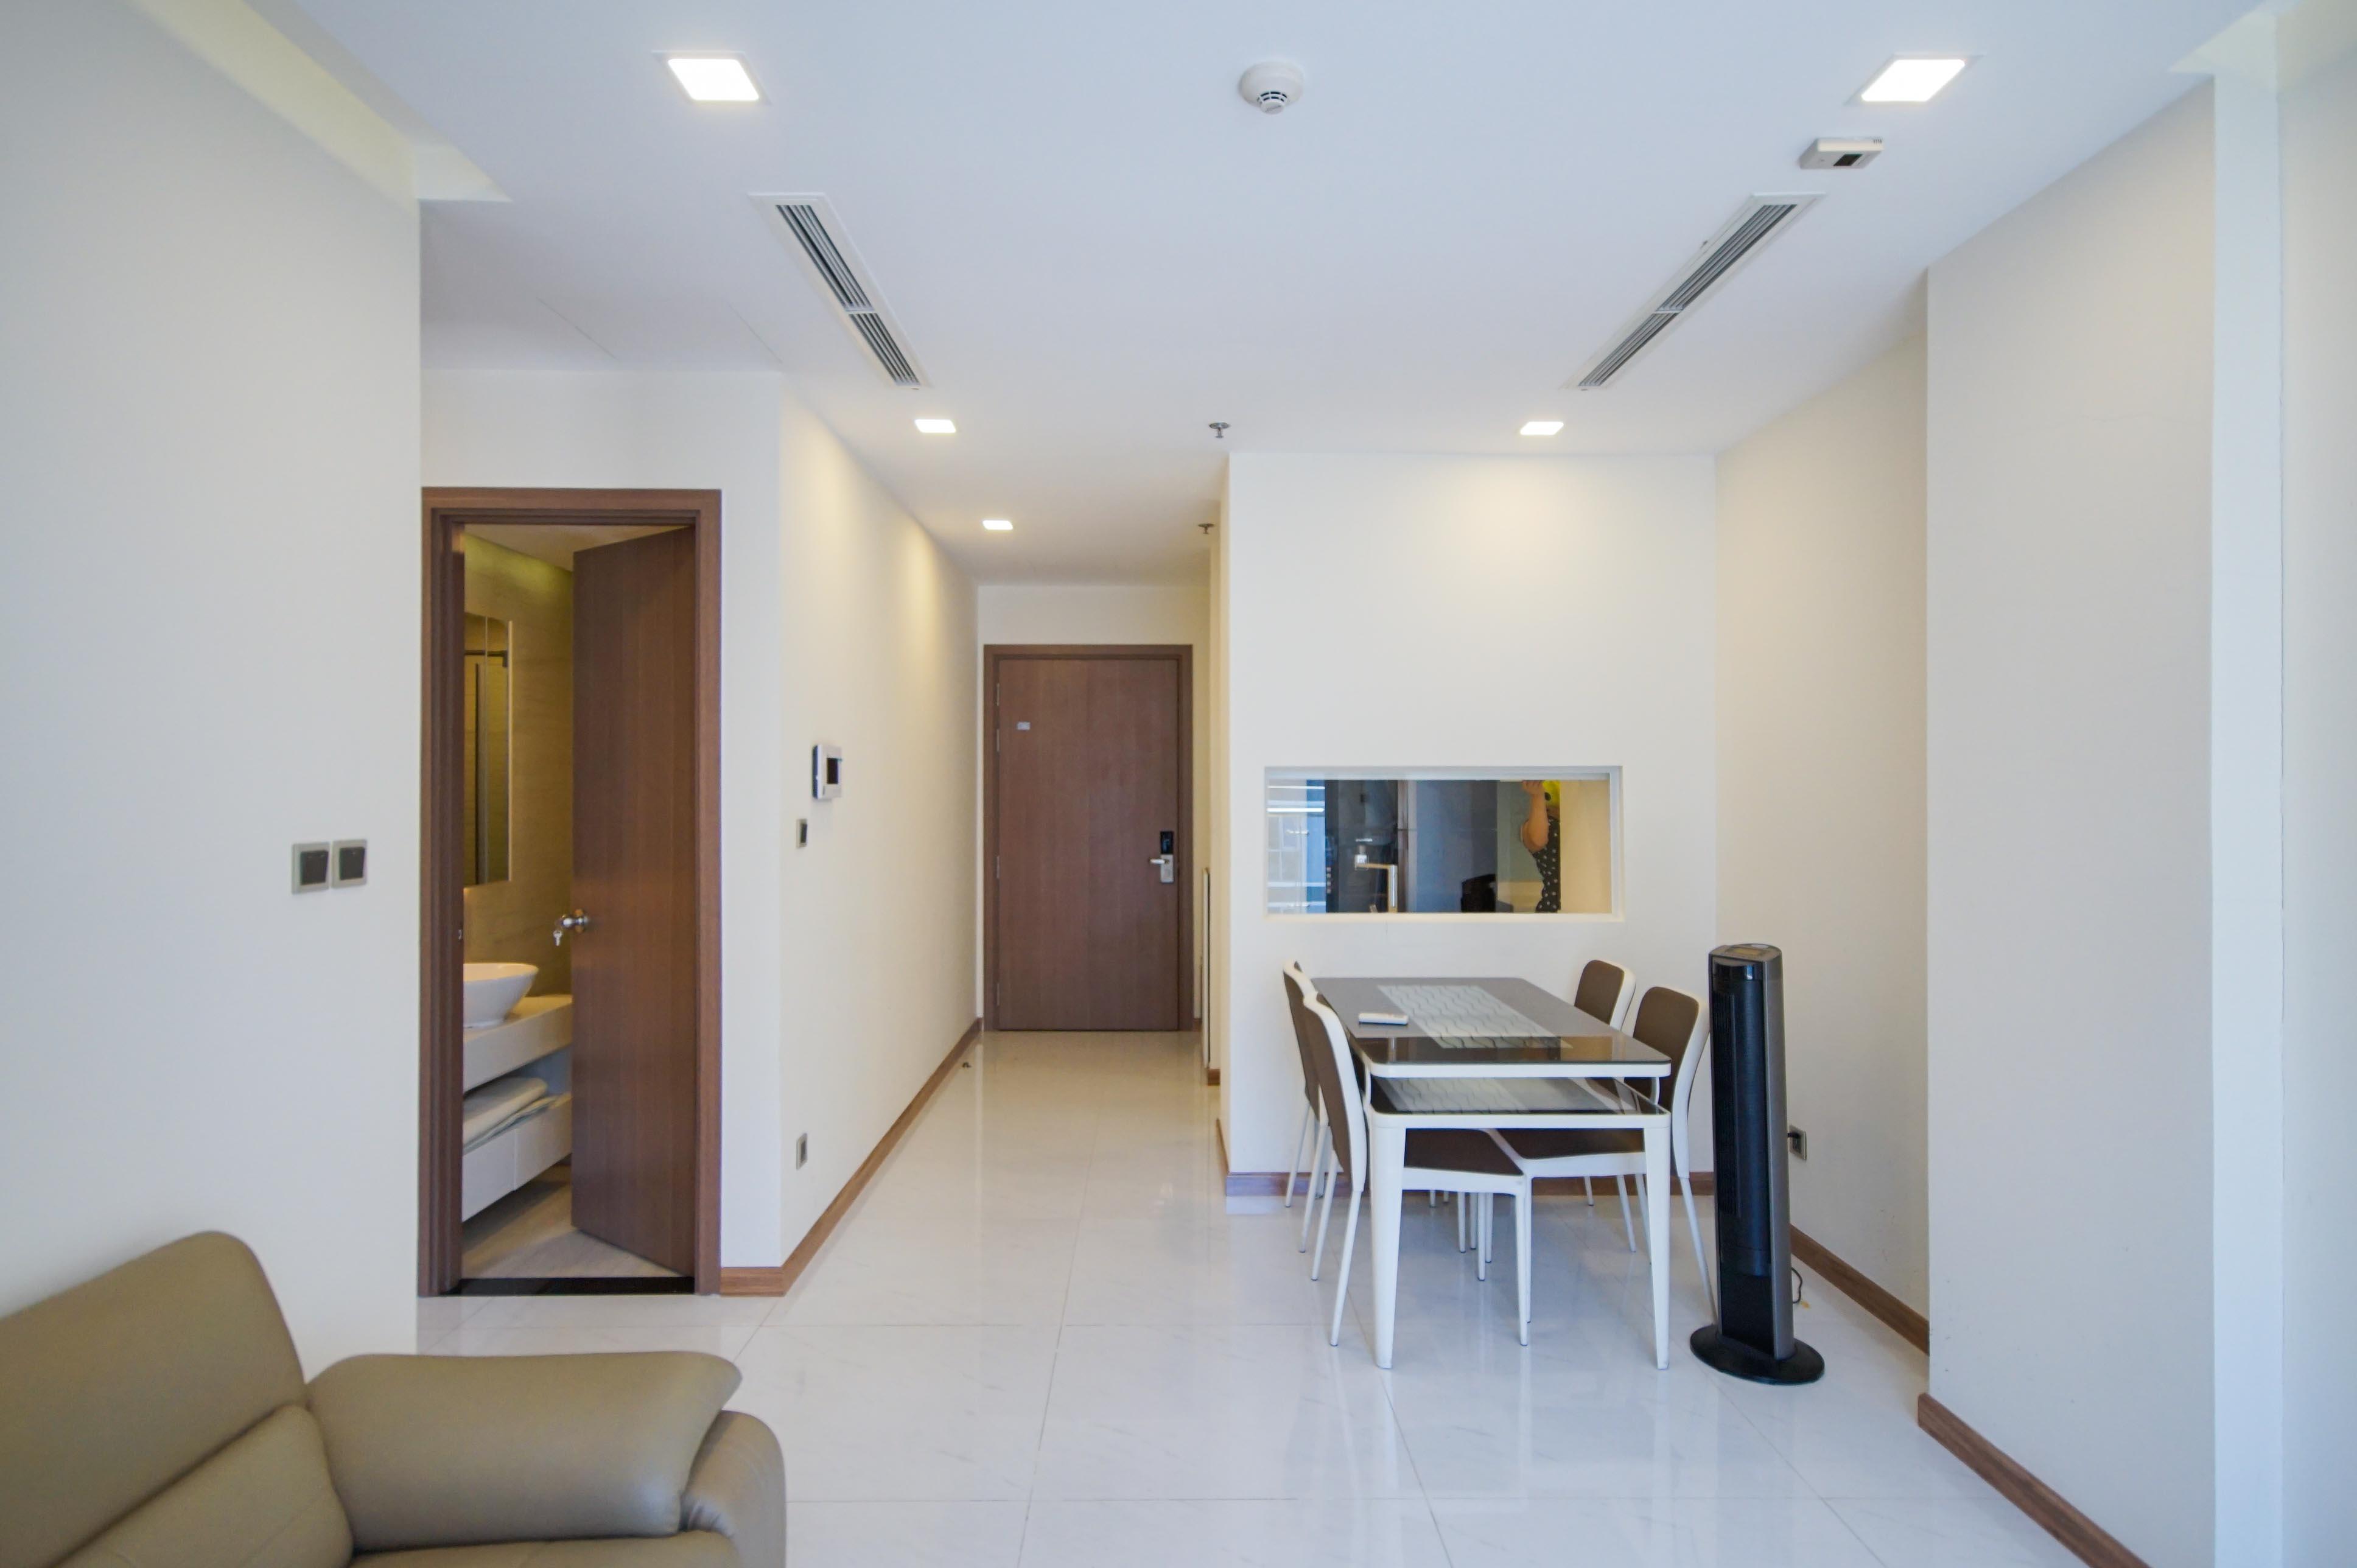 Cho Thuê Căn hộ 2 PN Vinhomes Central Park - Phòng Ngủ Đón Nắng -5